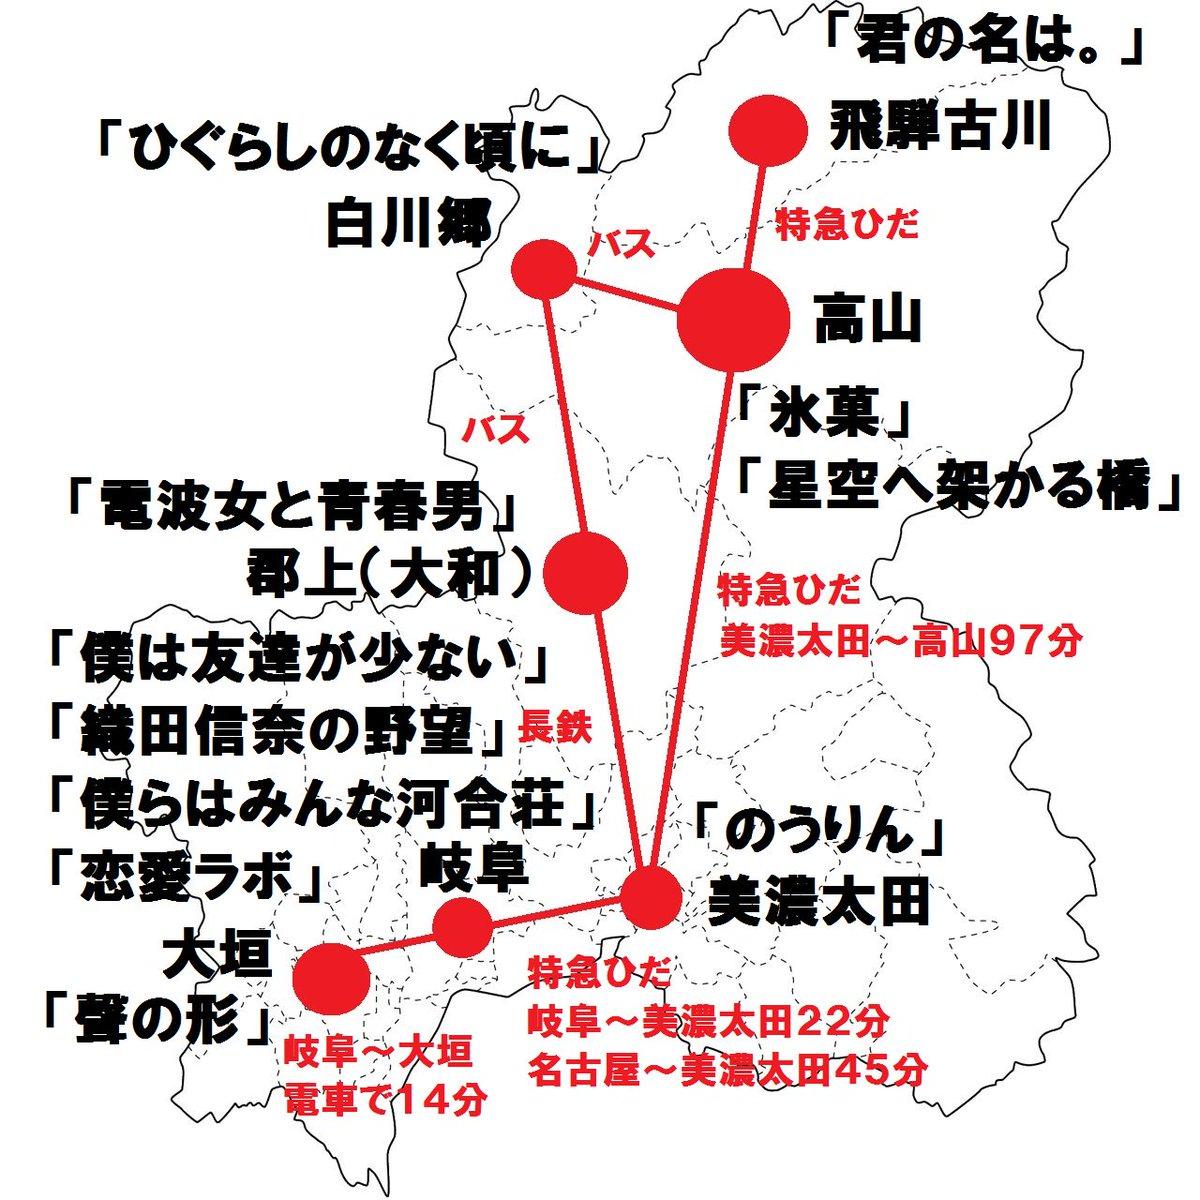 岐阜~富山アニメ街道が話題になっていますが、岐阜県内のアニメ聖地は公共交通機関でも回ることができます!名古屋駅からも非常に近く、アニメ以外の観光地も多いため駅前にはレンタサイクルなどもあり、お一人様での聖地巡礼もはかどりますよ! pic.twitter.com/wEpjTfIFD3